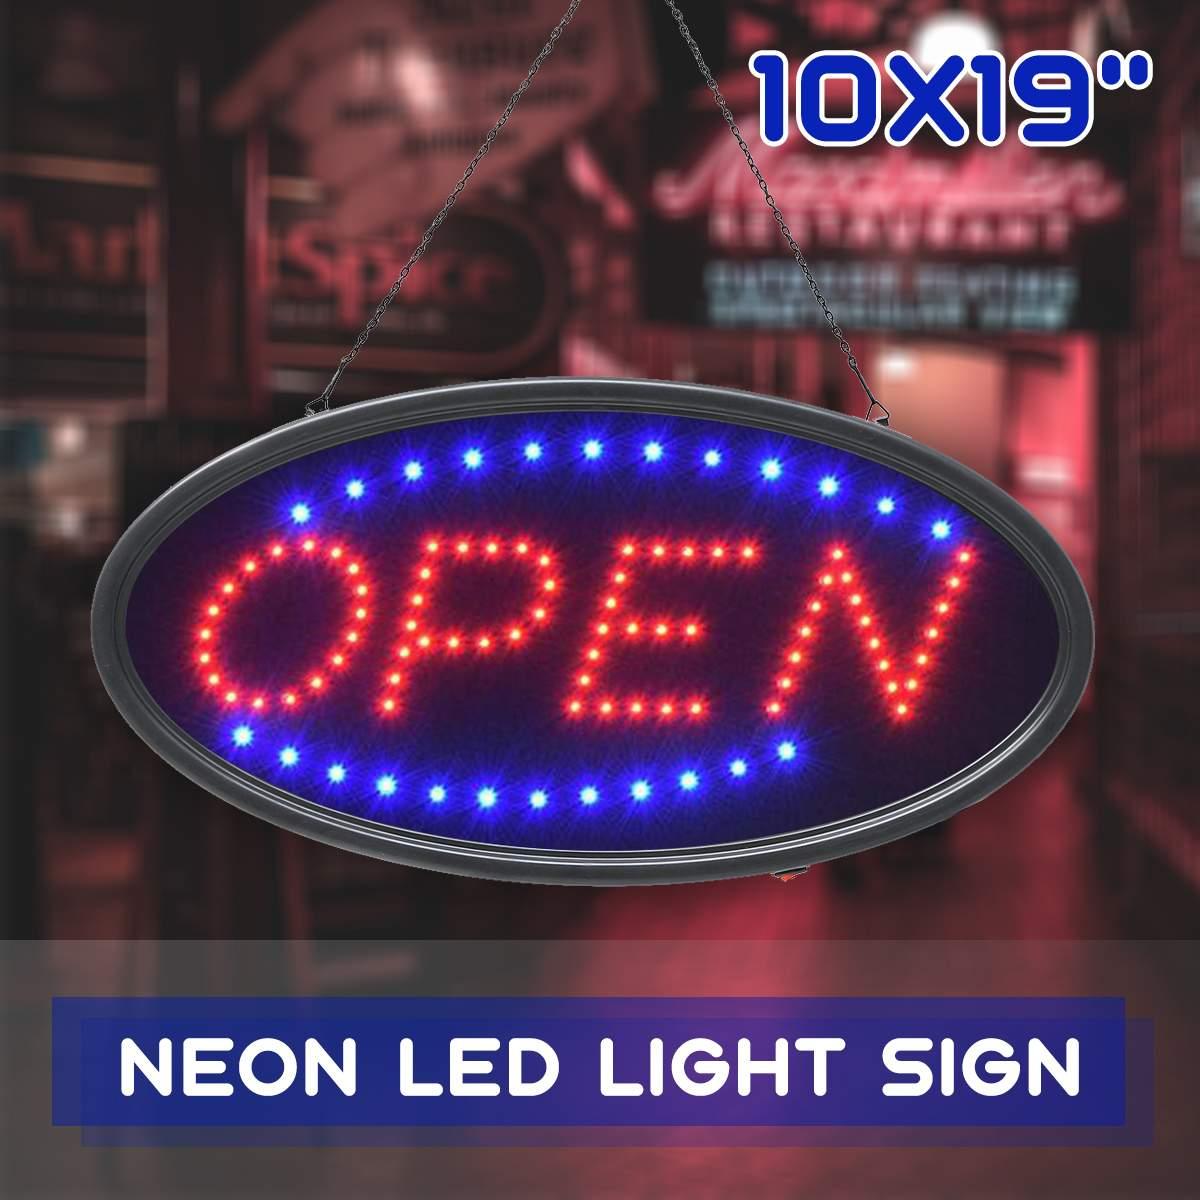 لوحة إعلانات LED مع شعار علامة مفتوحة ، مركز تسوق ، حركة متحركة ساطعة ، نيون ، متجر أعمال ، قابس الاتحاد الأوروبي والولايات المتحدة